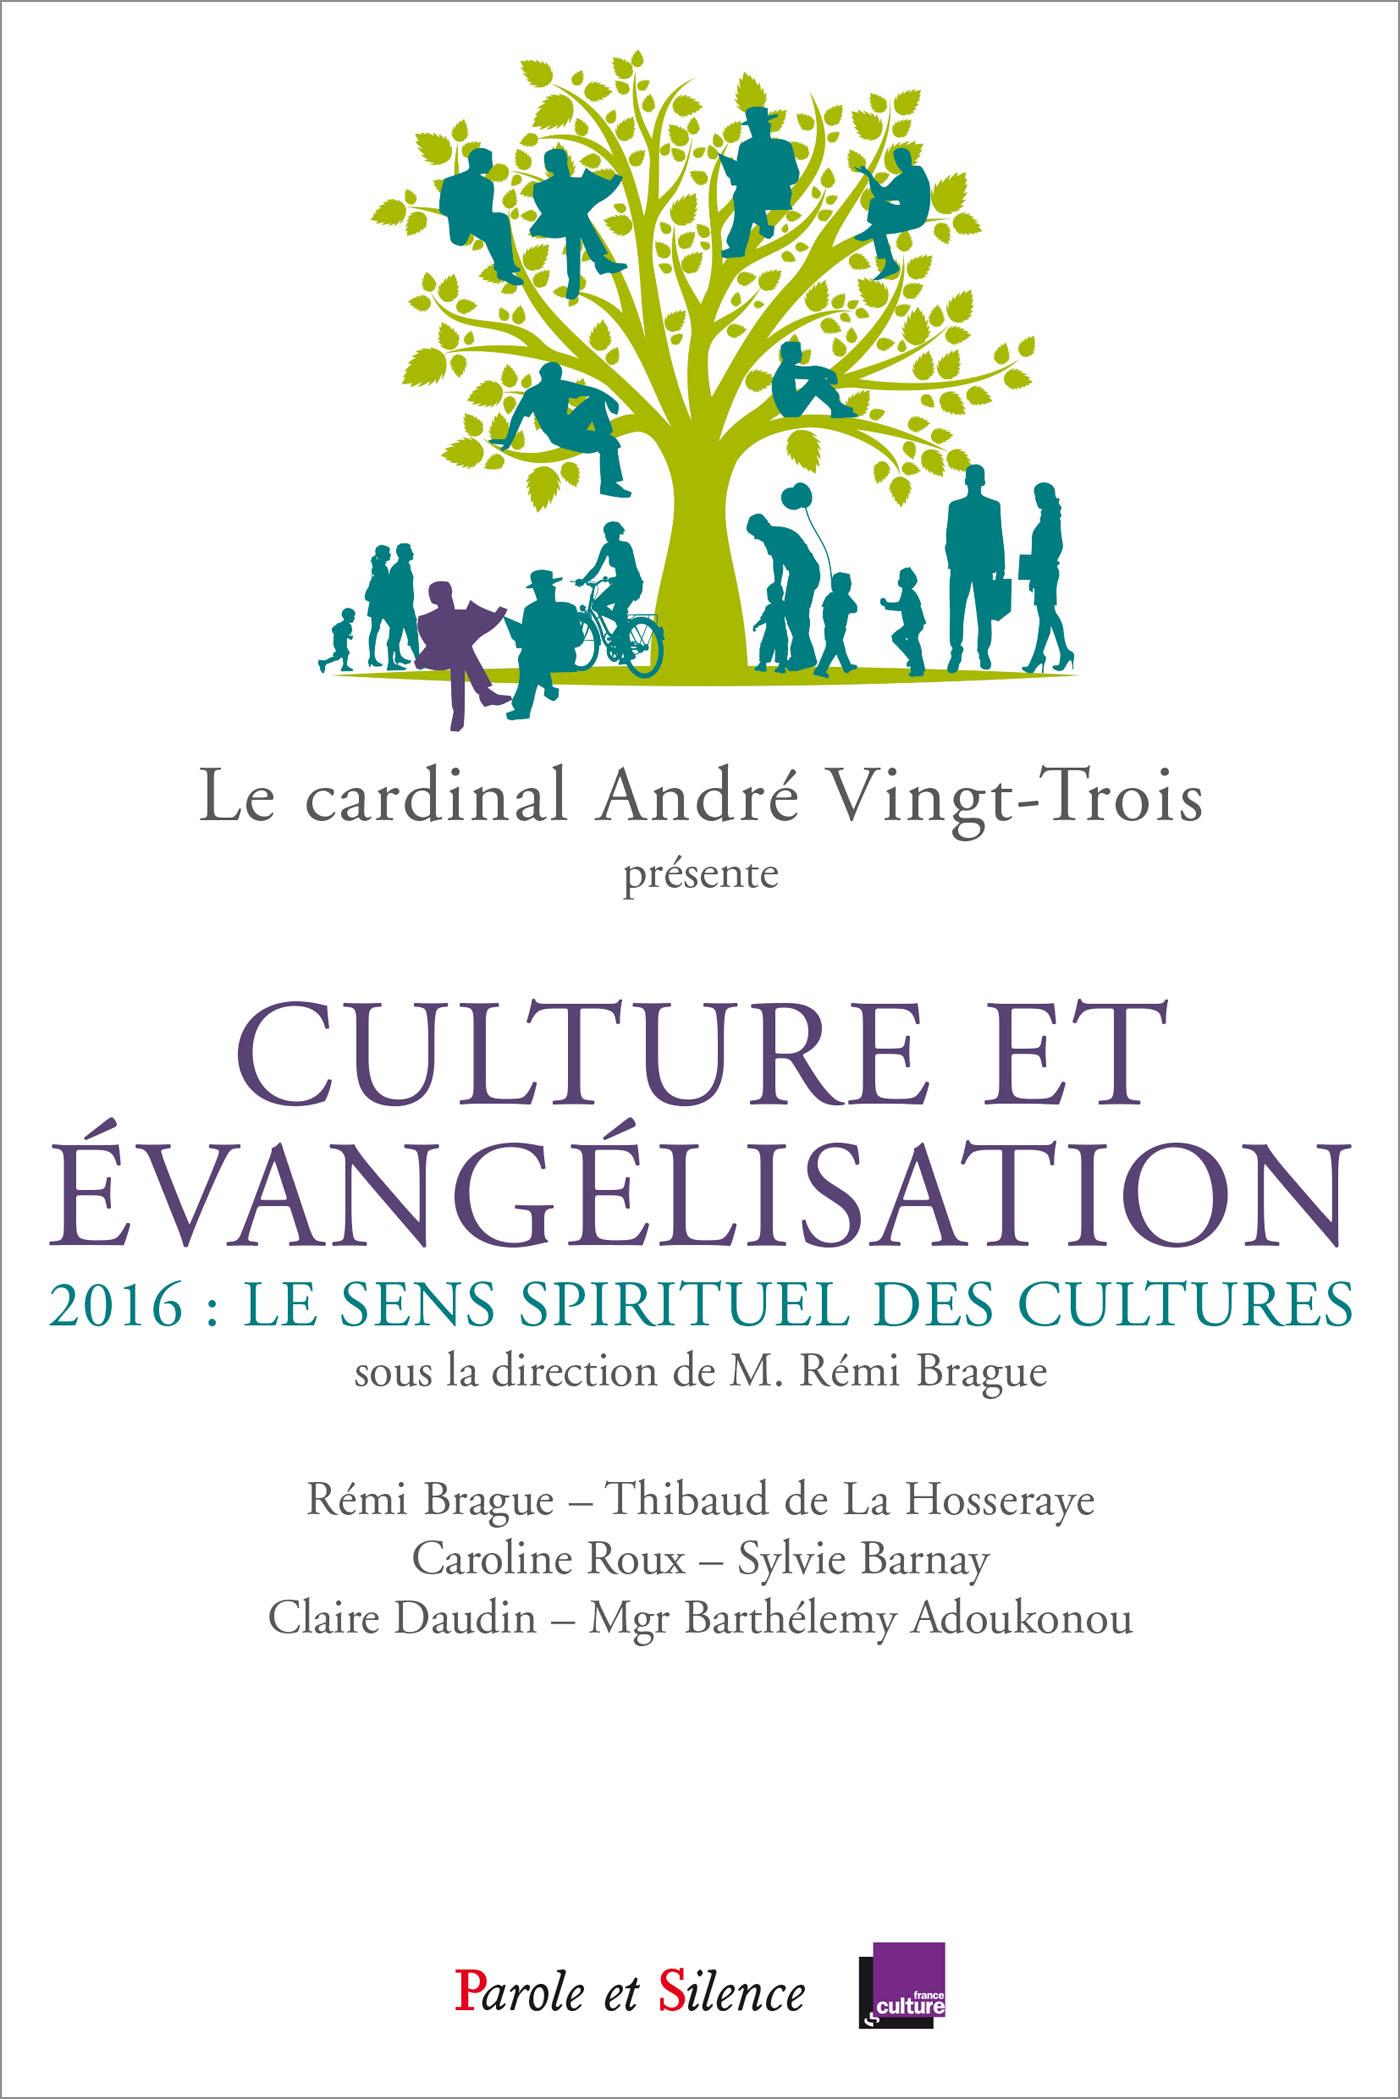 Culture et évangélisation. Le sens spirituel des cultures